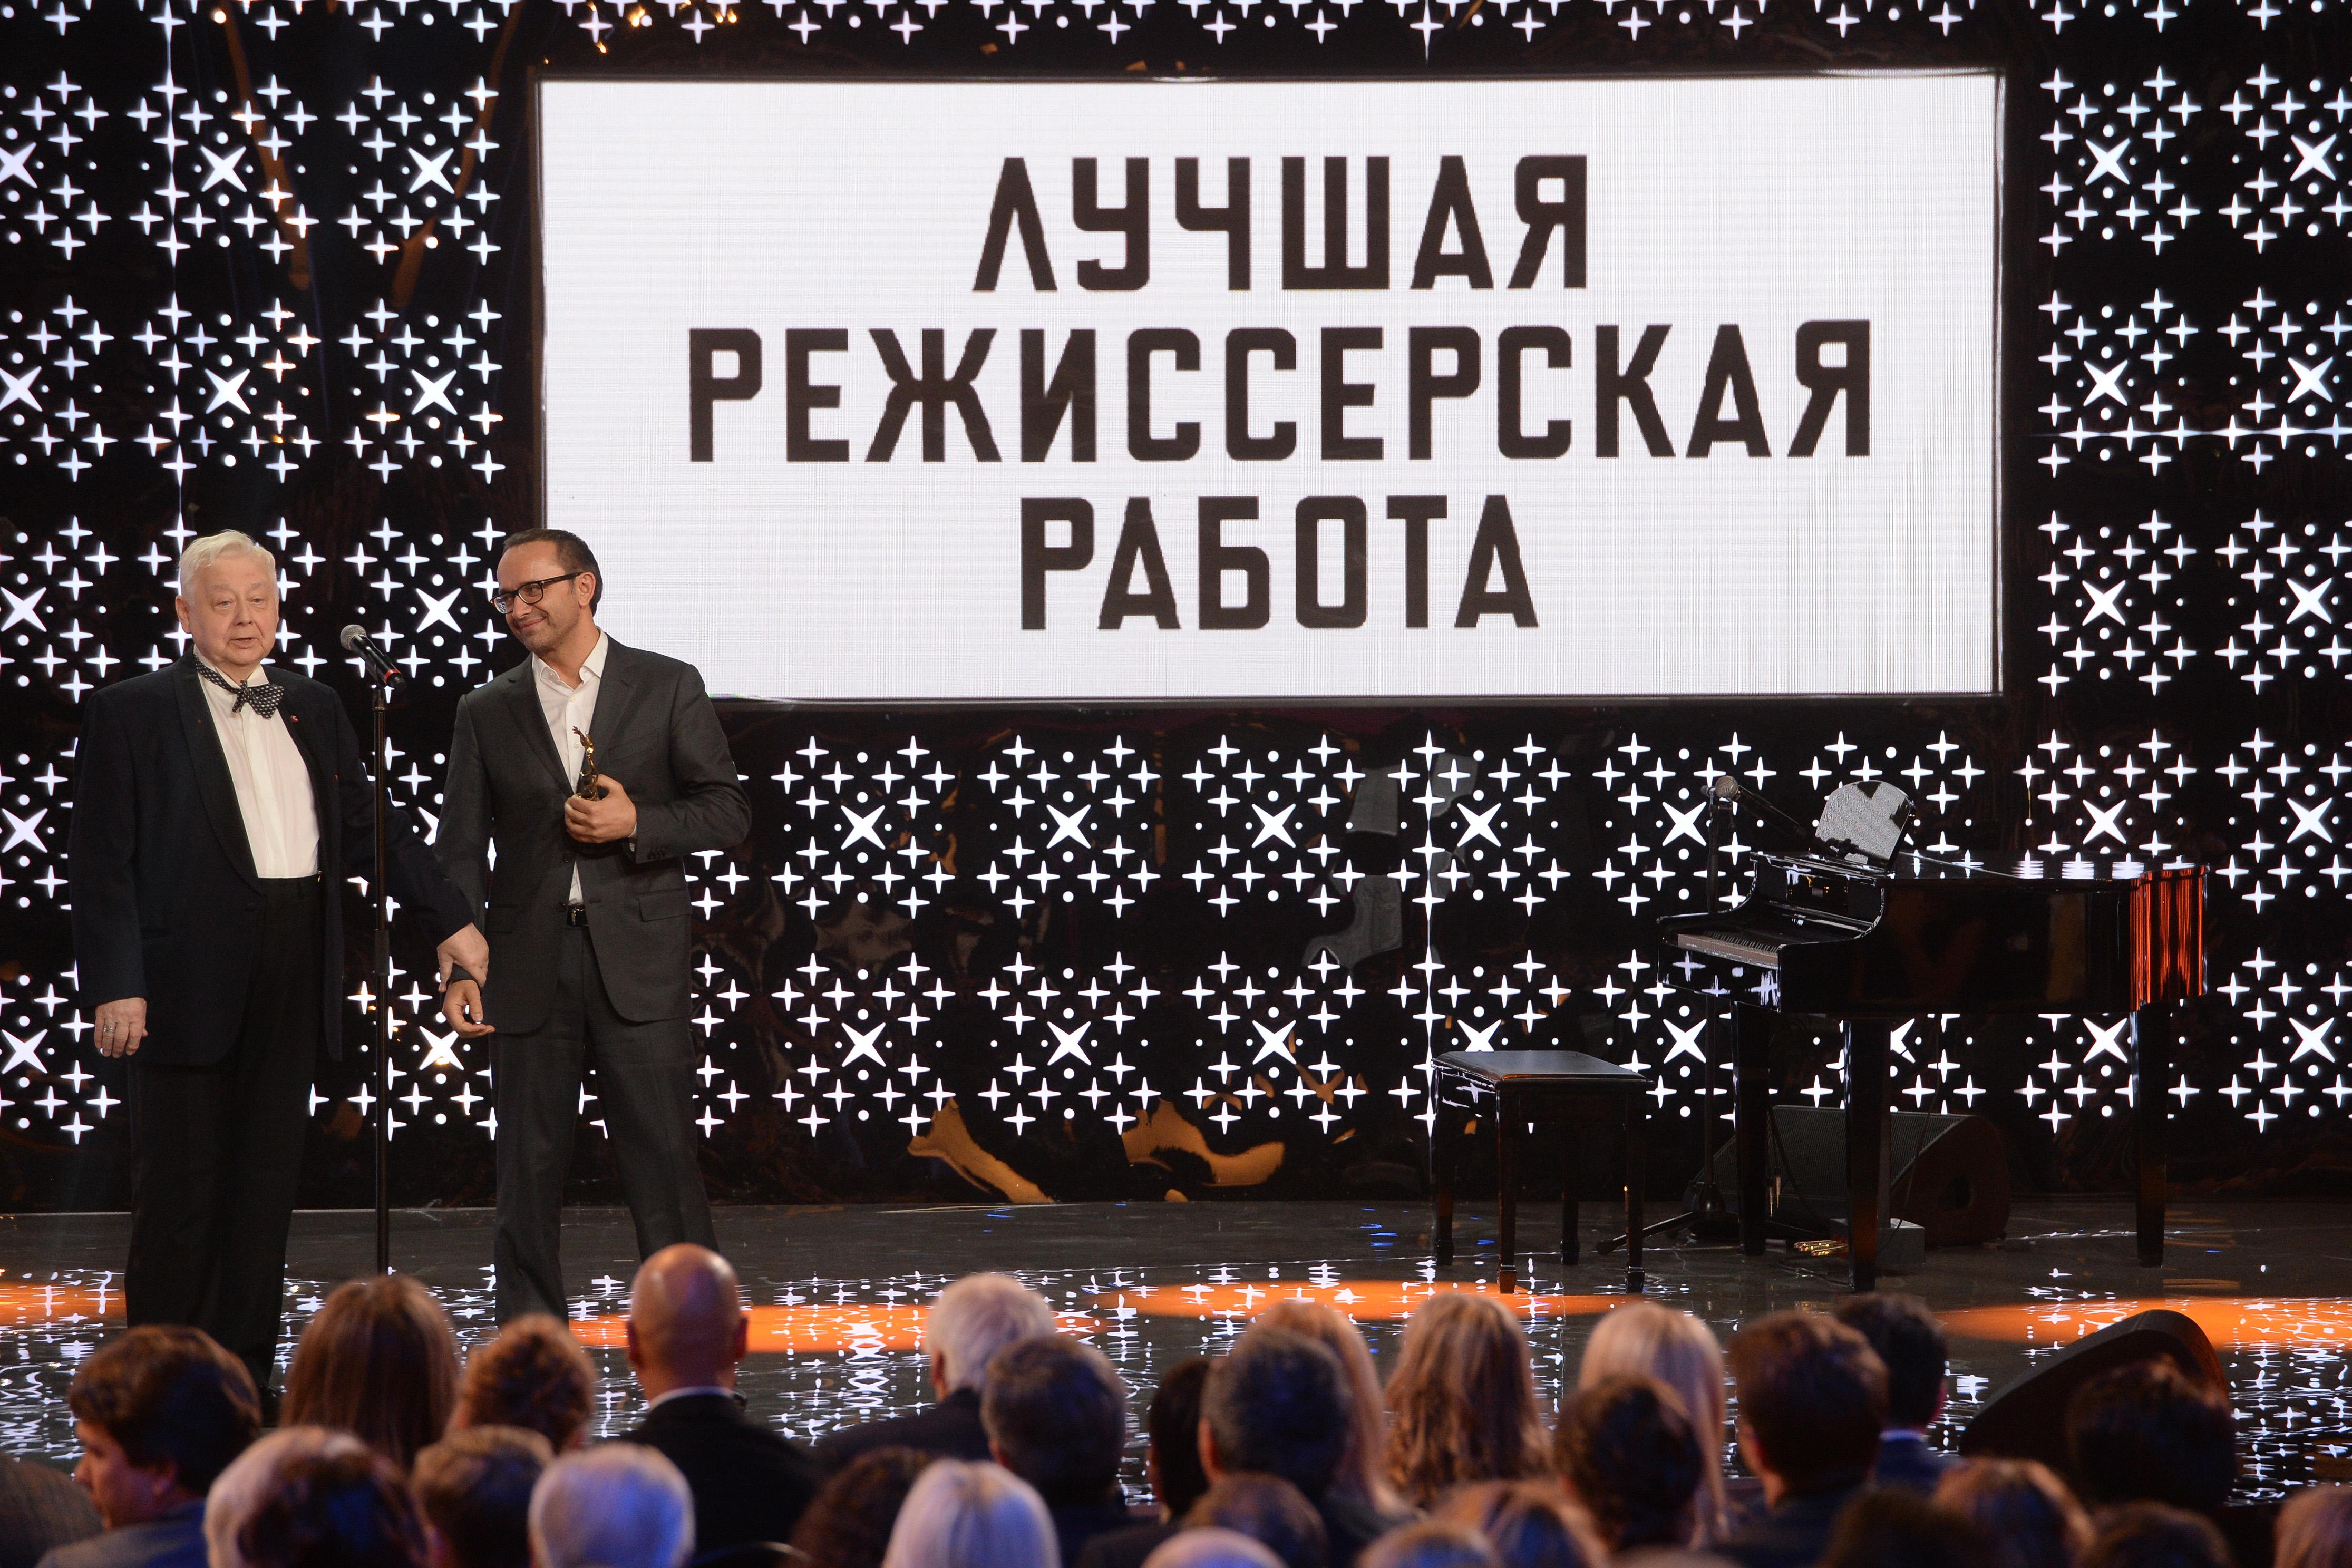 «Левиафан» Андрея Звягинцева был отмечен как «Лучшая режиссерская работа»